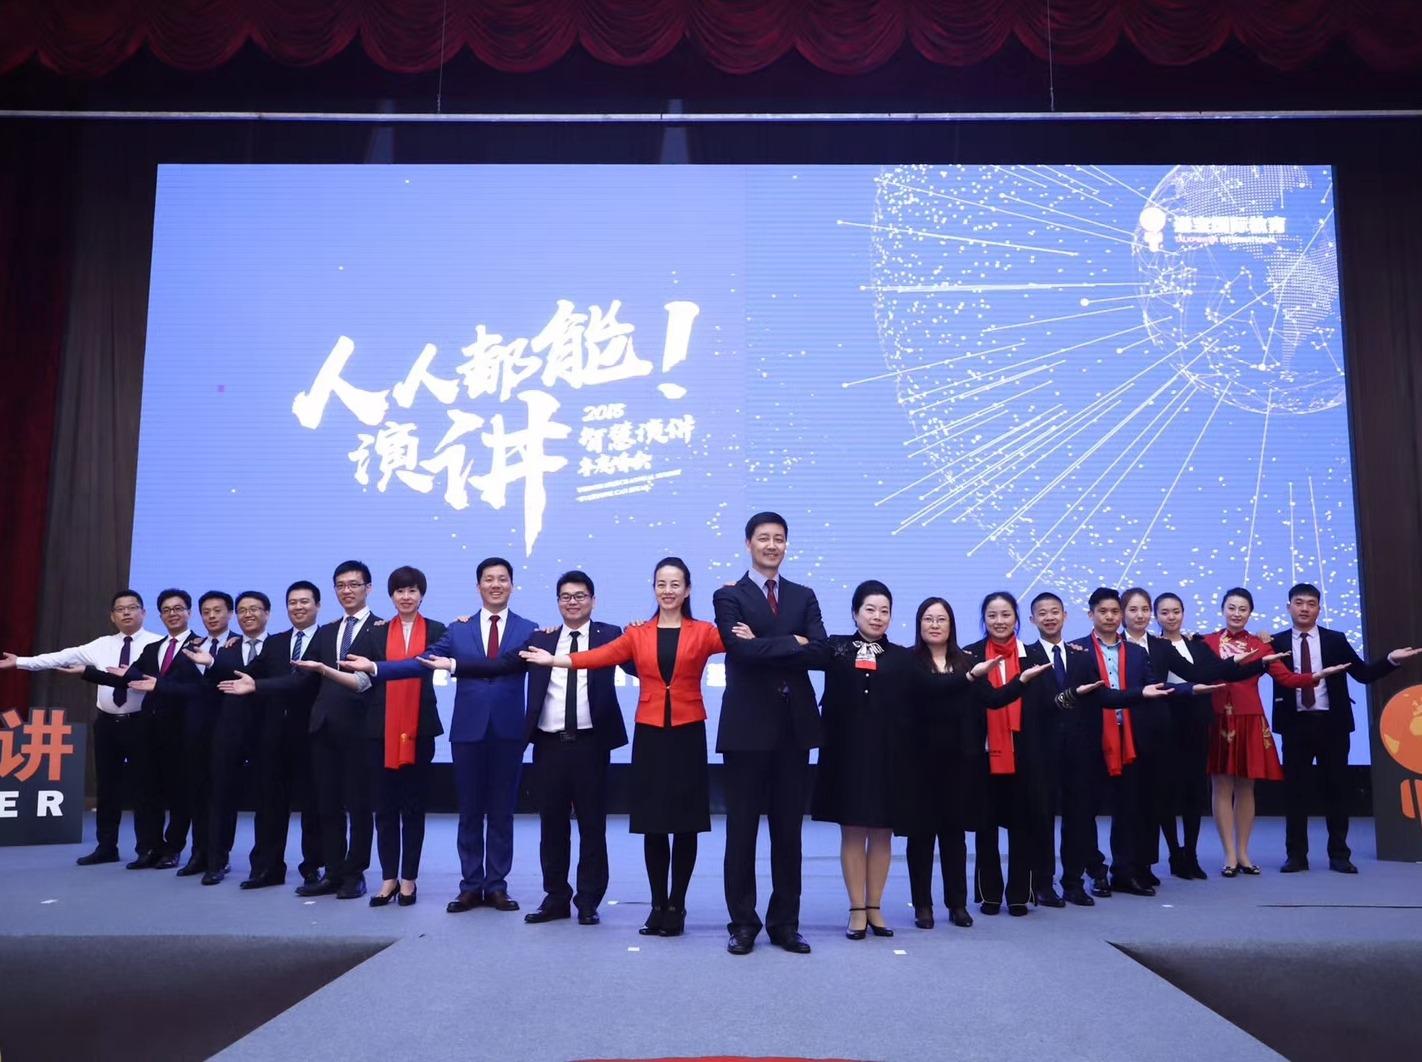 12月1日 周六 提升演讲全国巡讲北京